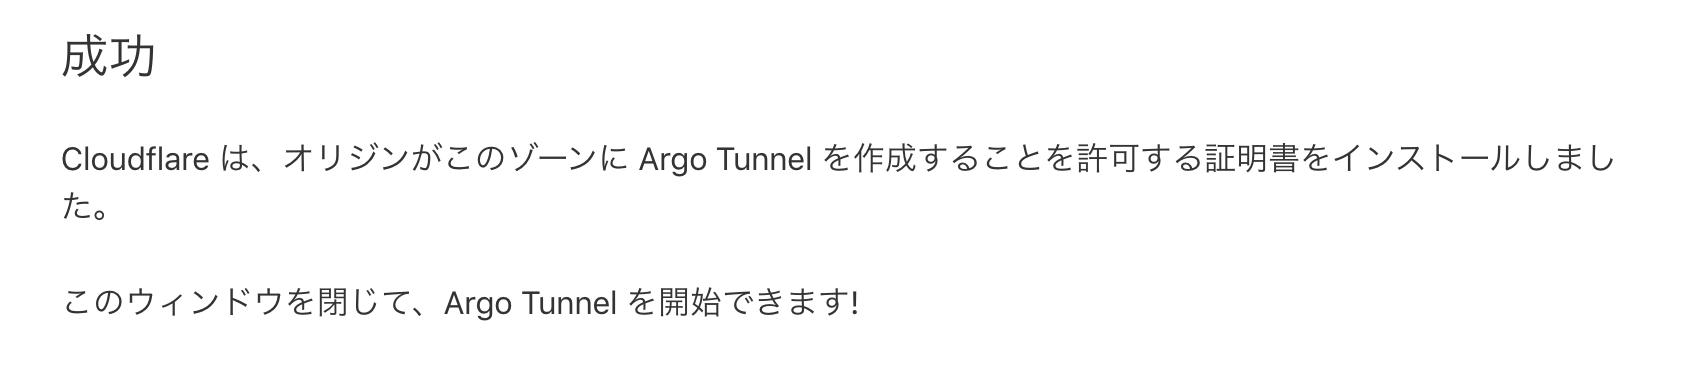 f:id:sbc_saito:20210316183736p:plain